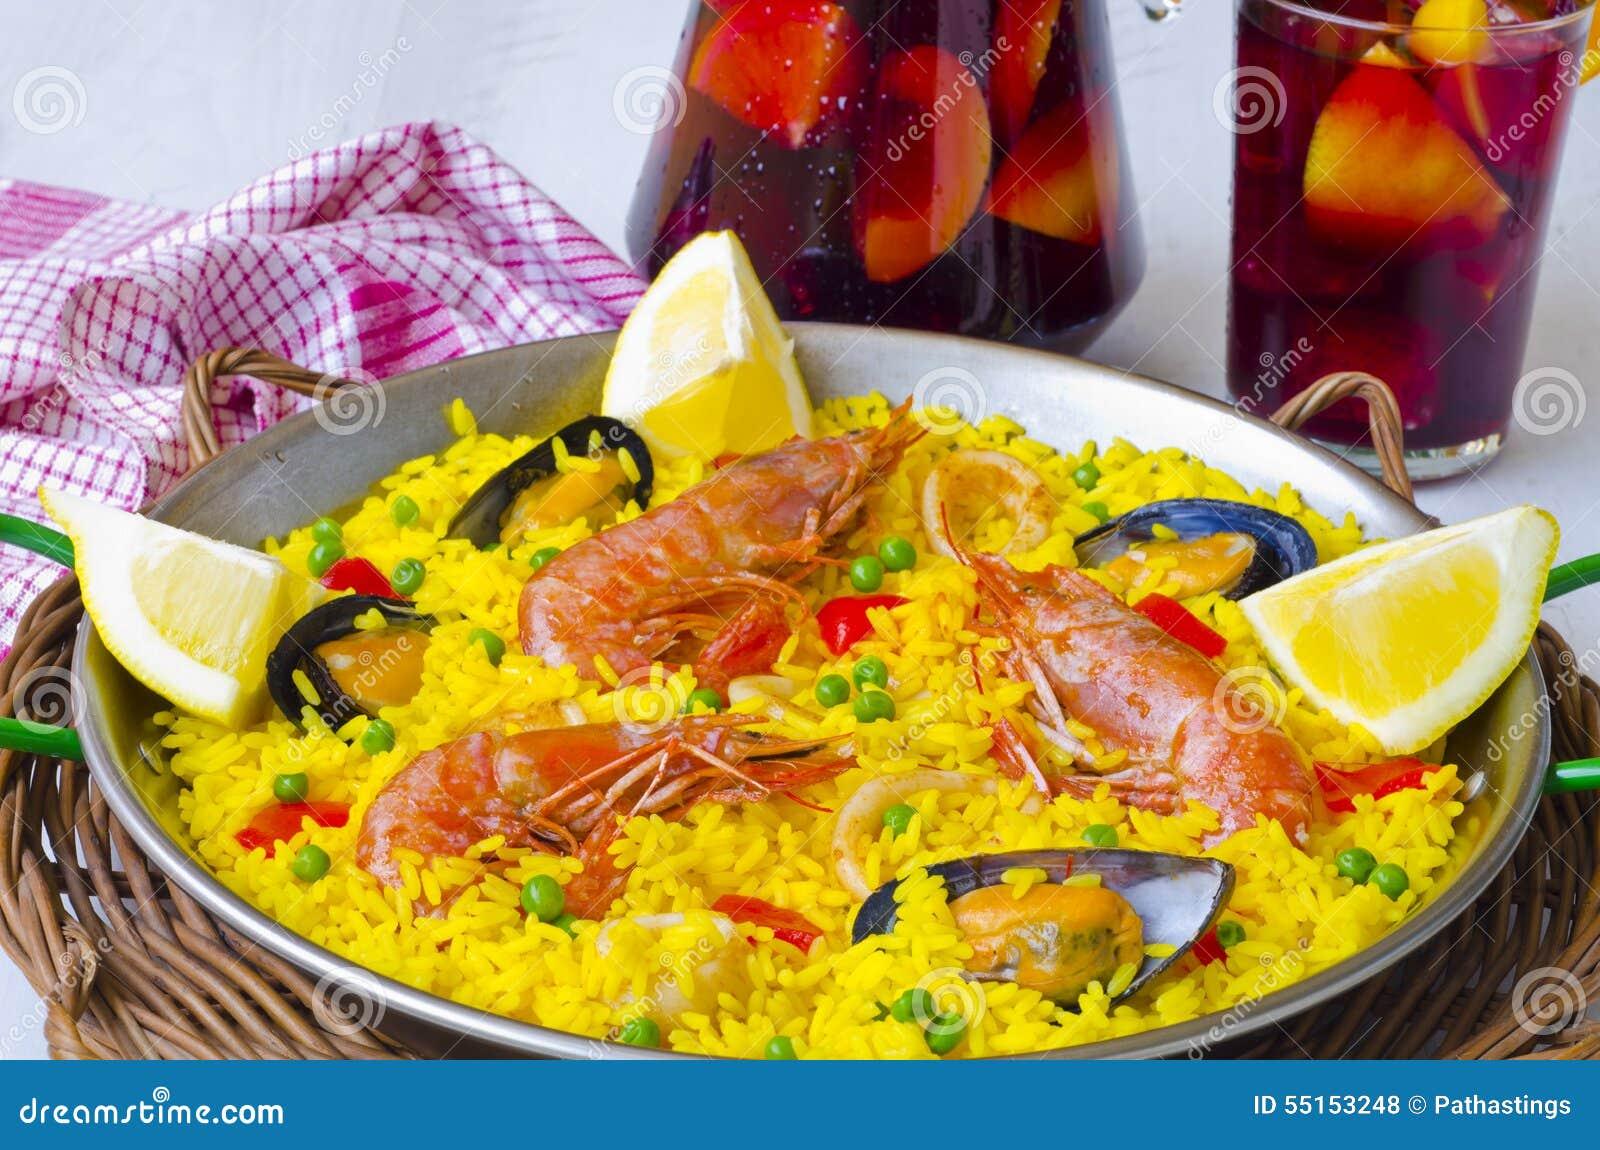 Spanische Küche Paella Und Frische Sangria Stockfoto - Bild von ...